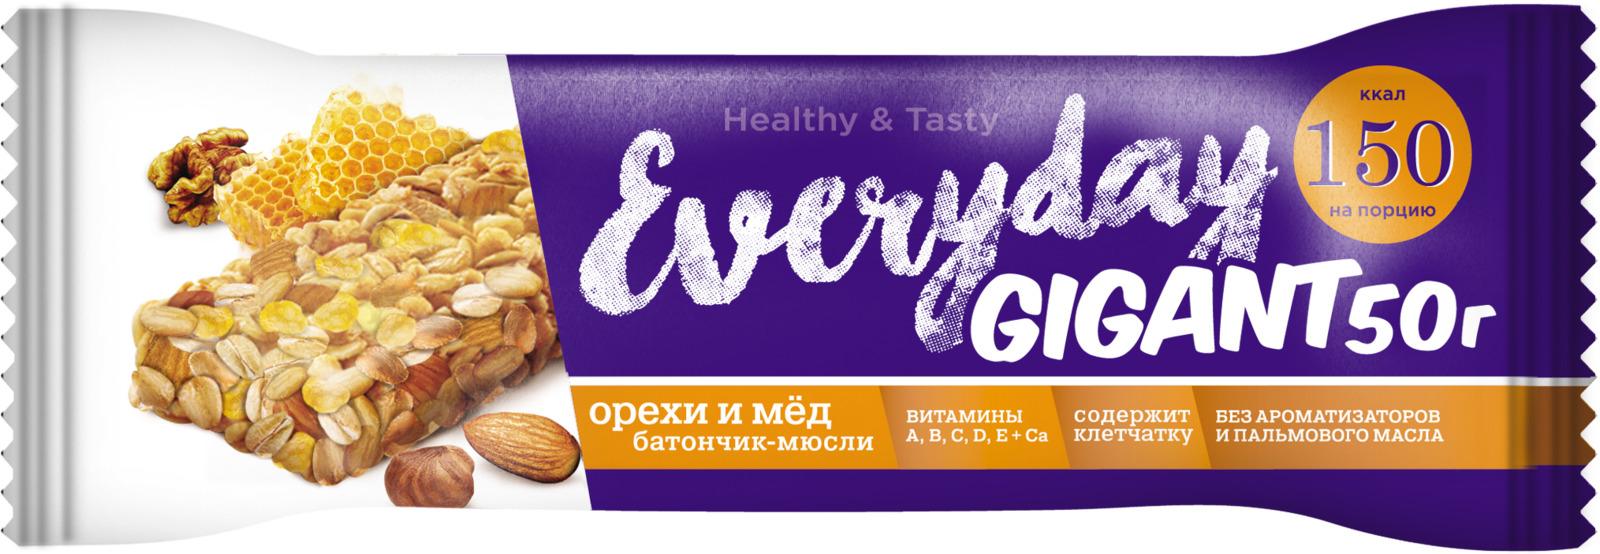 Батончик Everyday Gigant, орехи, мёд, 50 г цена в Москве и Питере